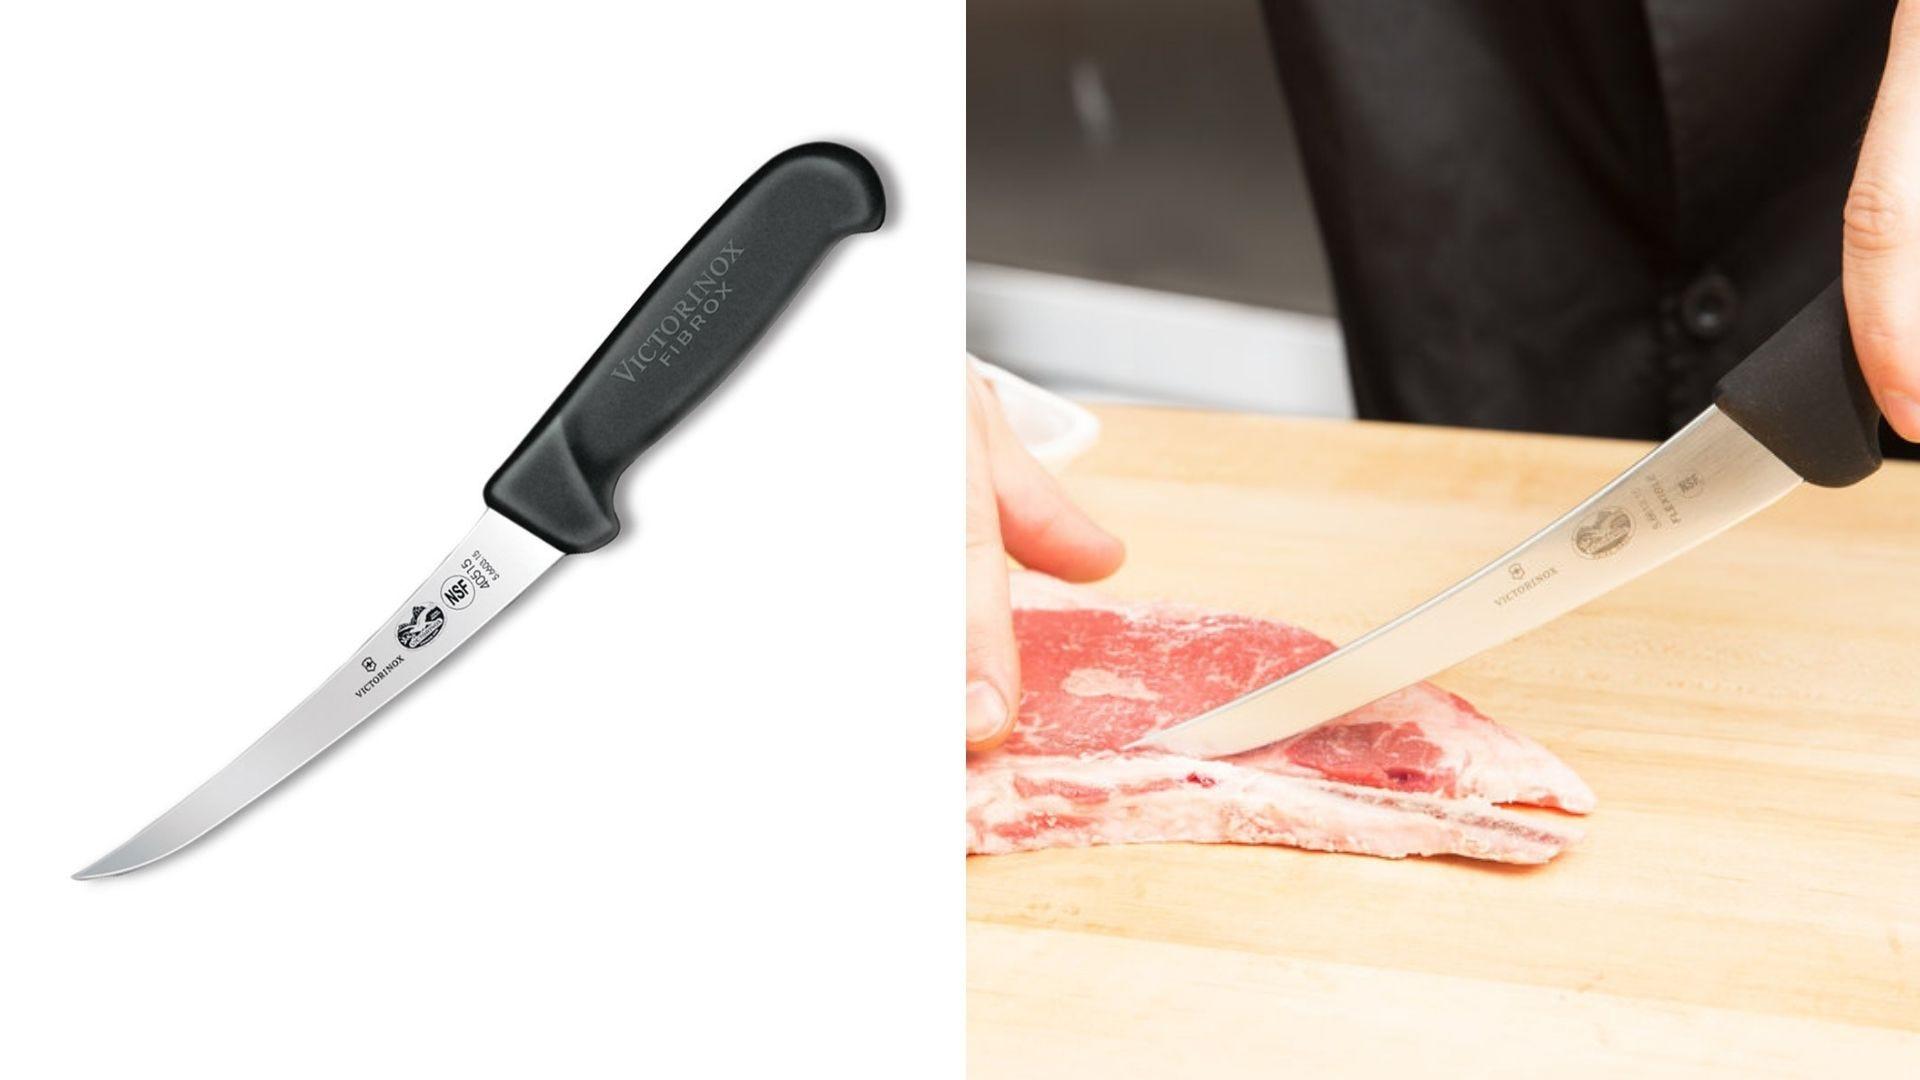 A flexible boning knife.